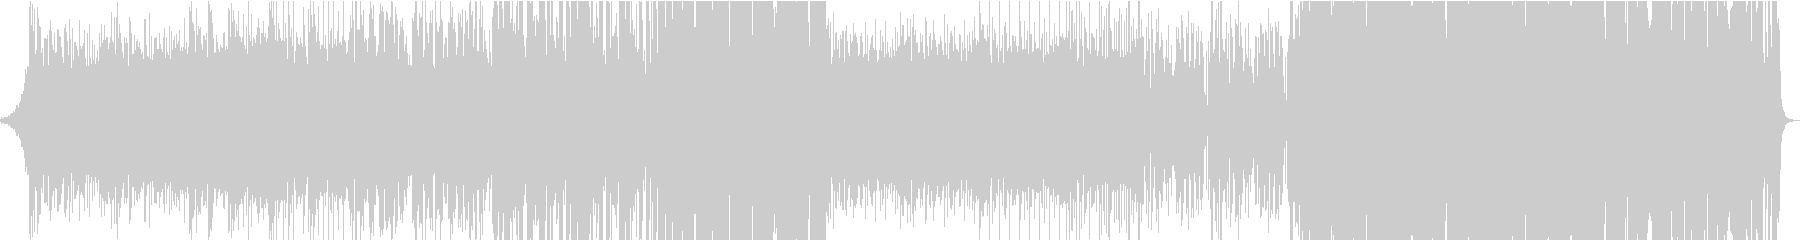 ヴォーカルチョップfuture bassの未再生の波形